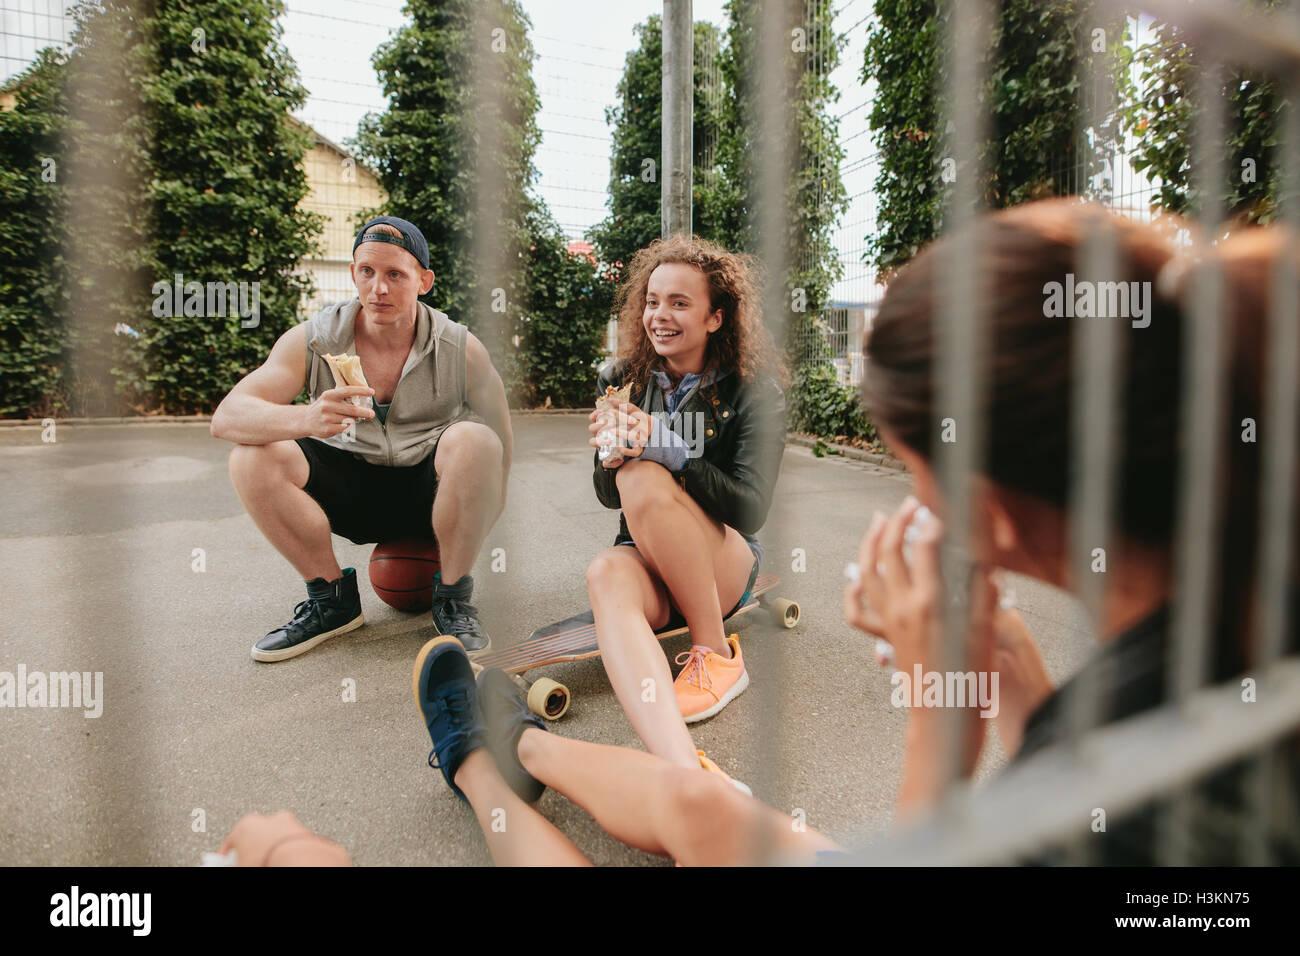 Groupe d'amis assis à une cour de basket-ball se nourrir et se divertir. Les adolescents se détendre Photo Stock